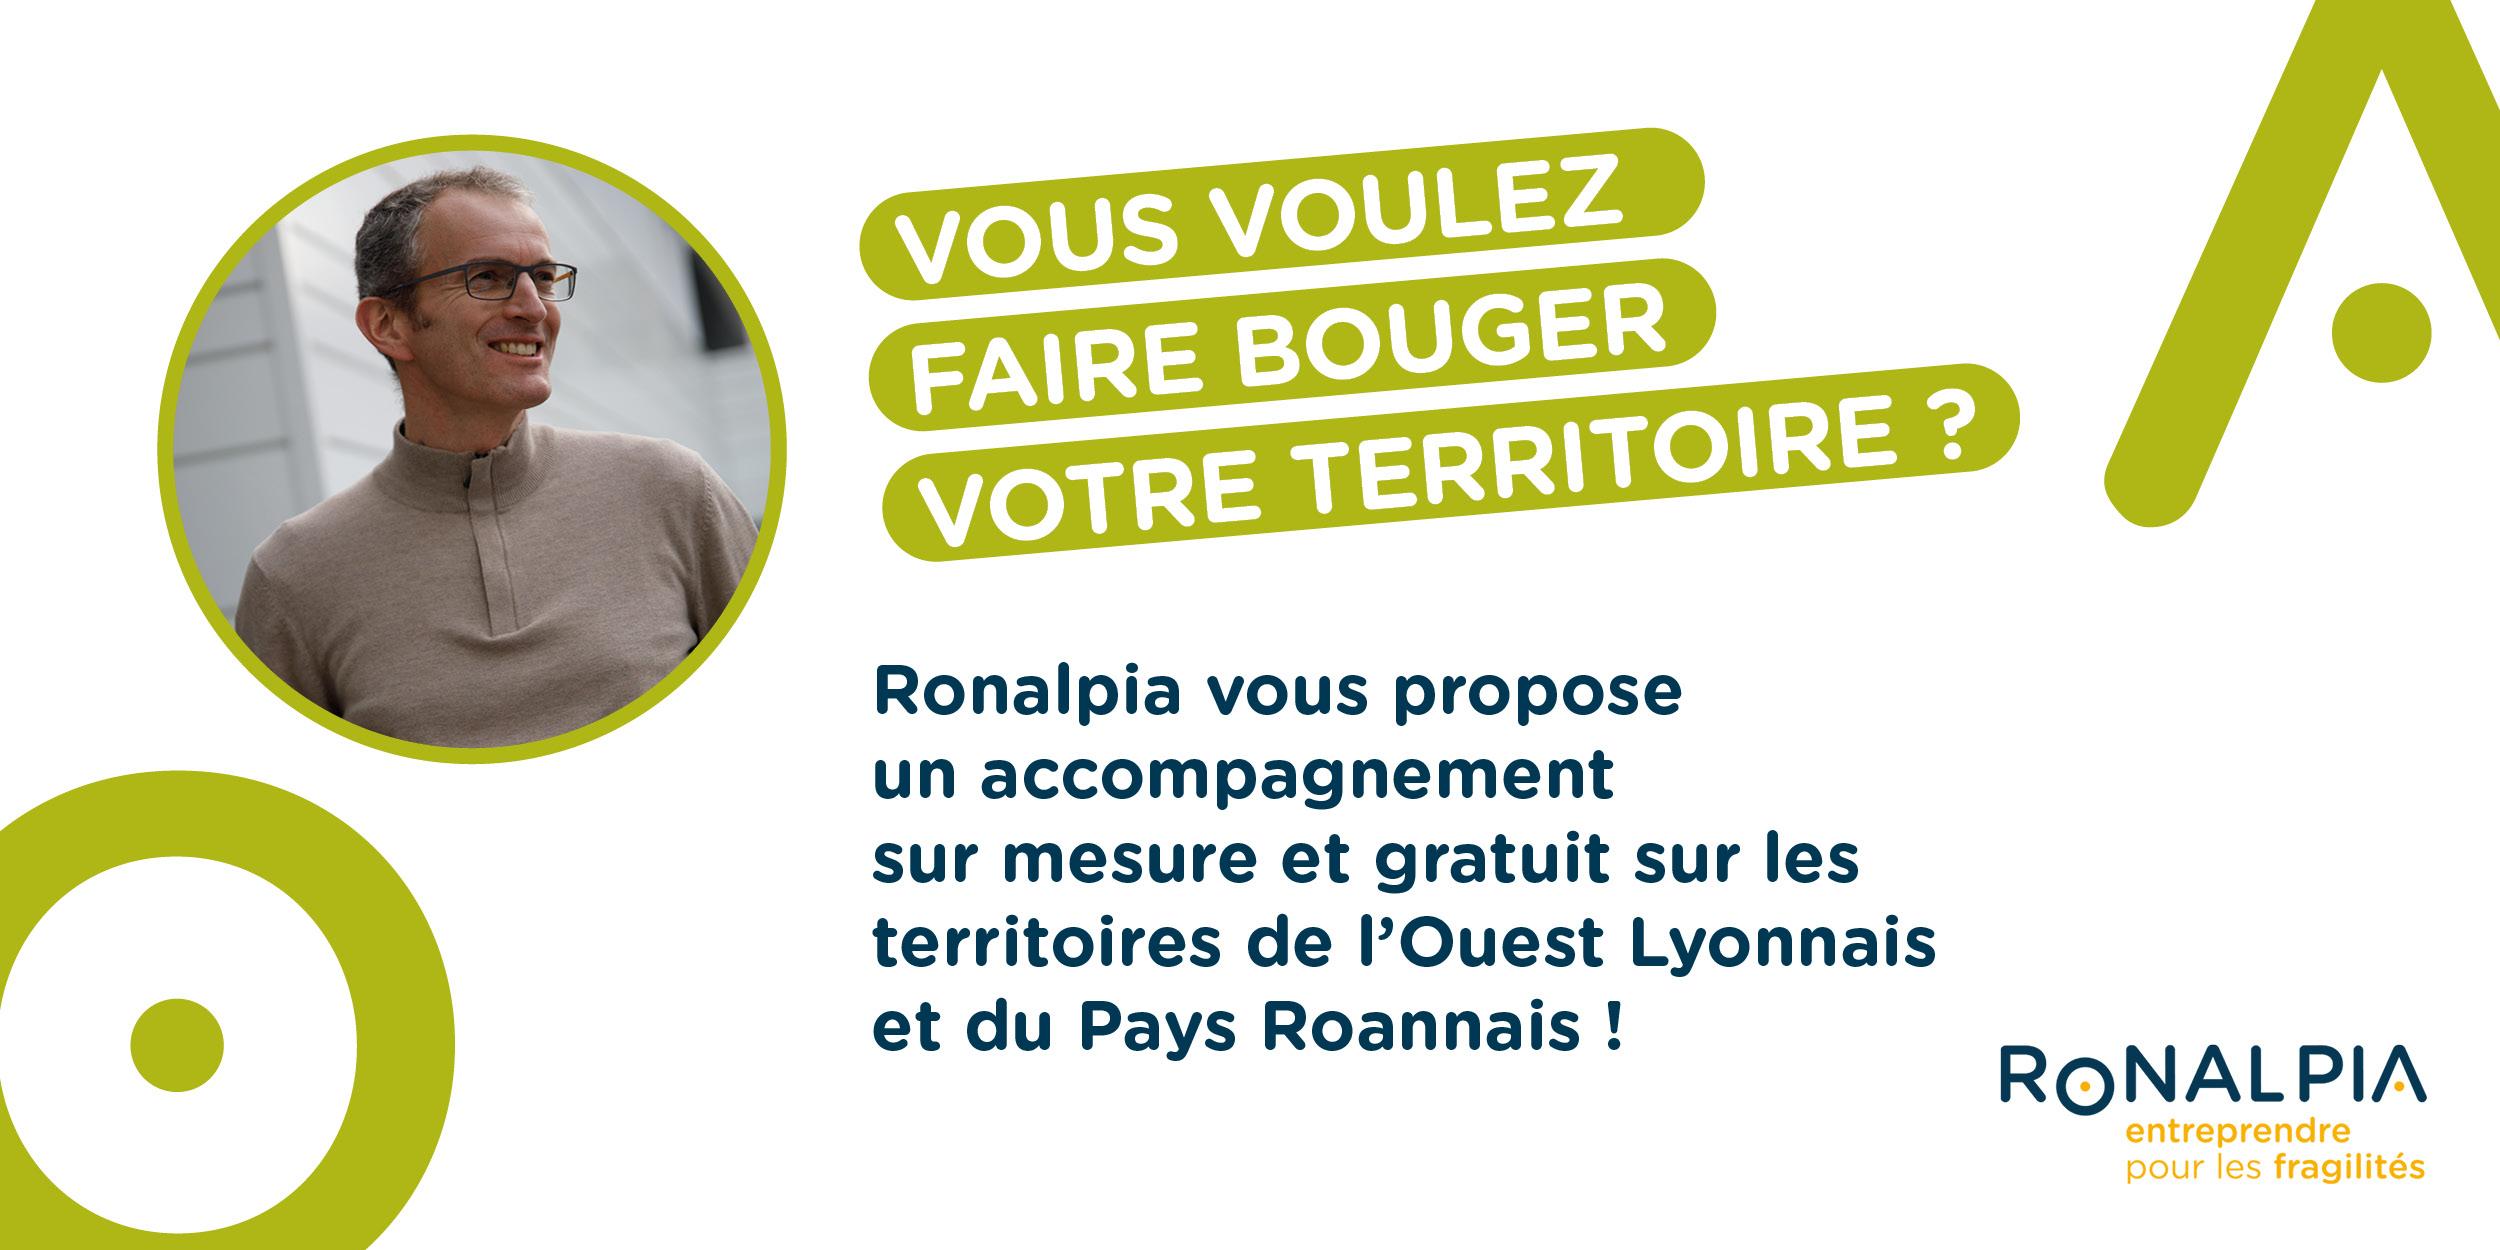 Bannière Incubation-Ouest-Lyonnais + pays roannais-site web ronalpia